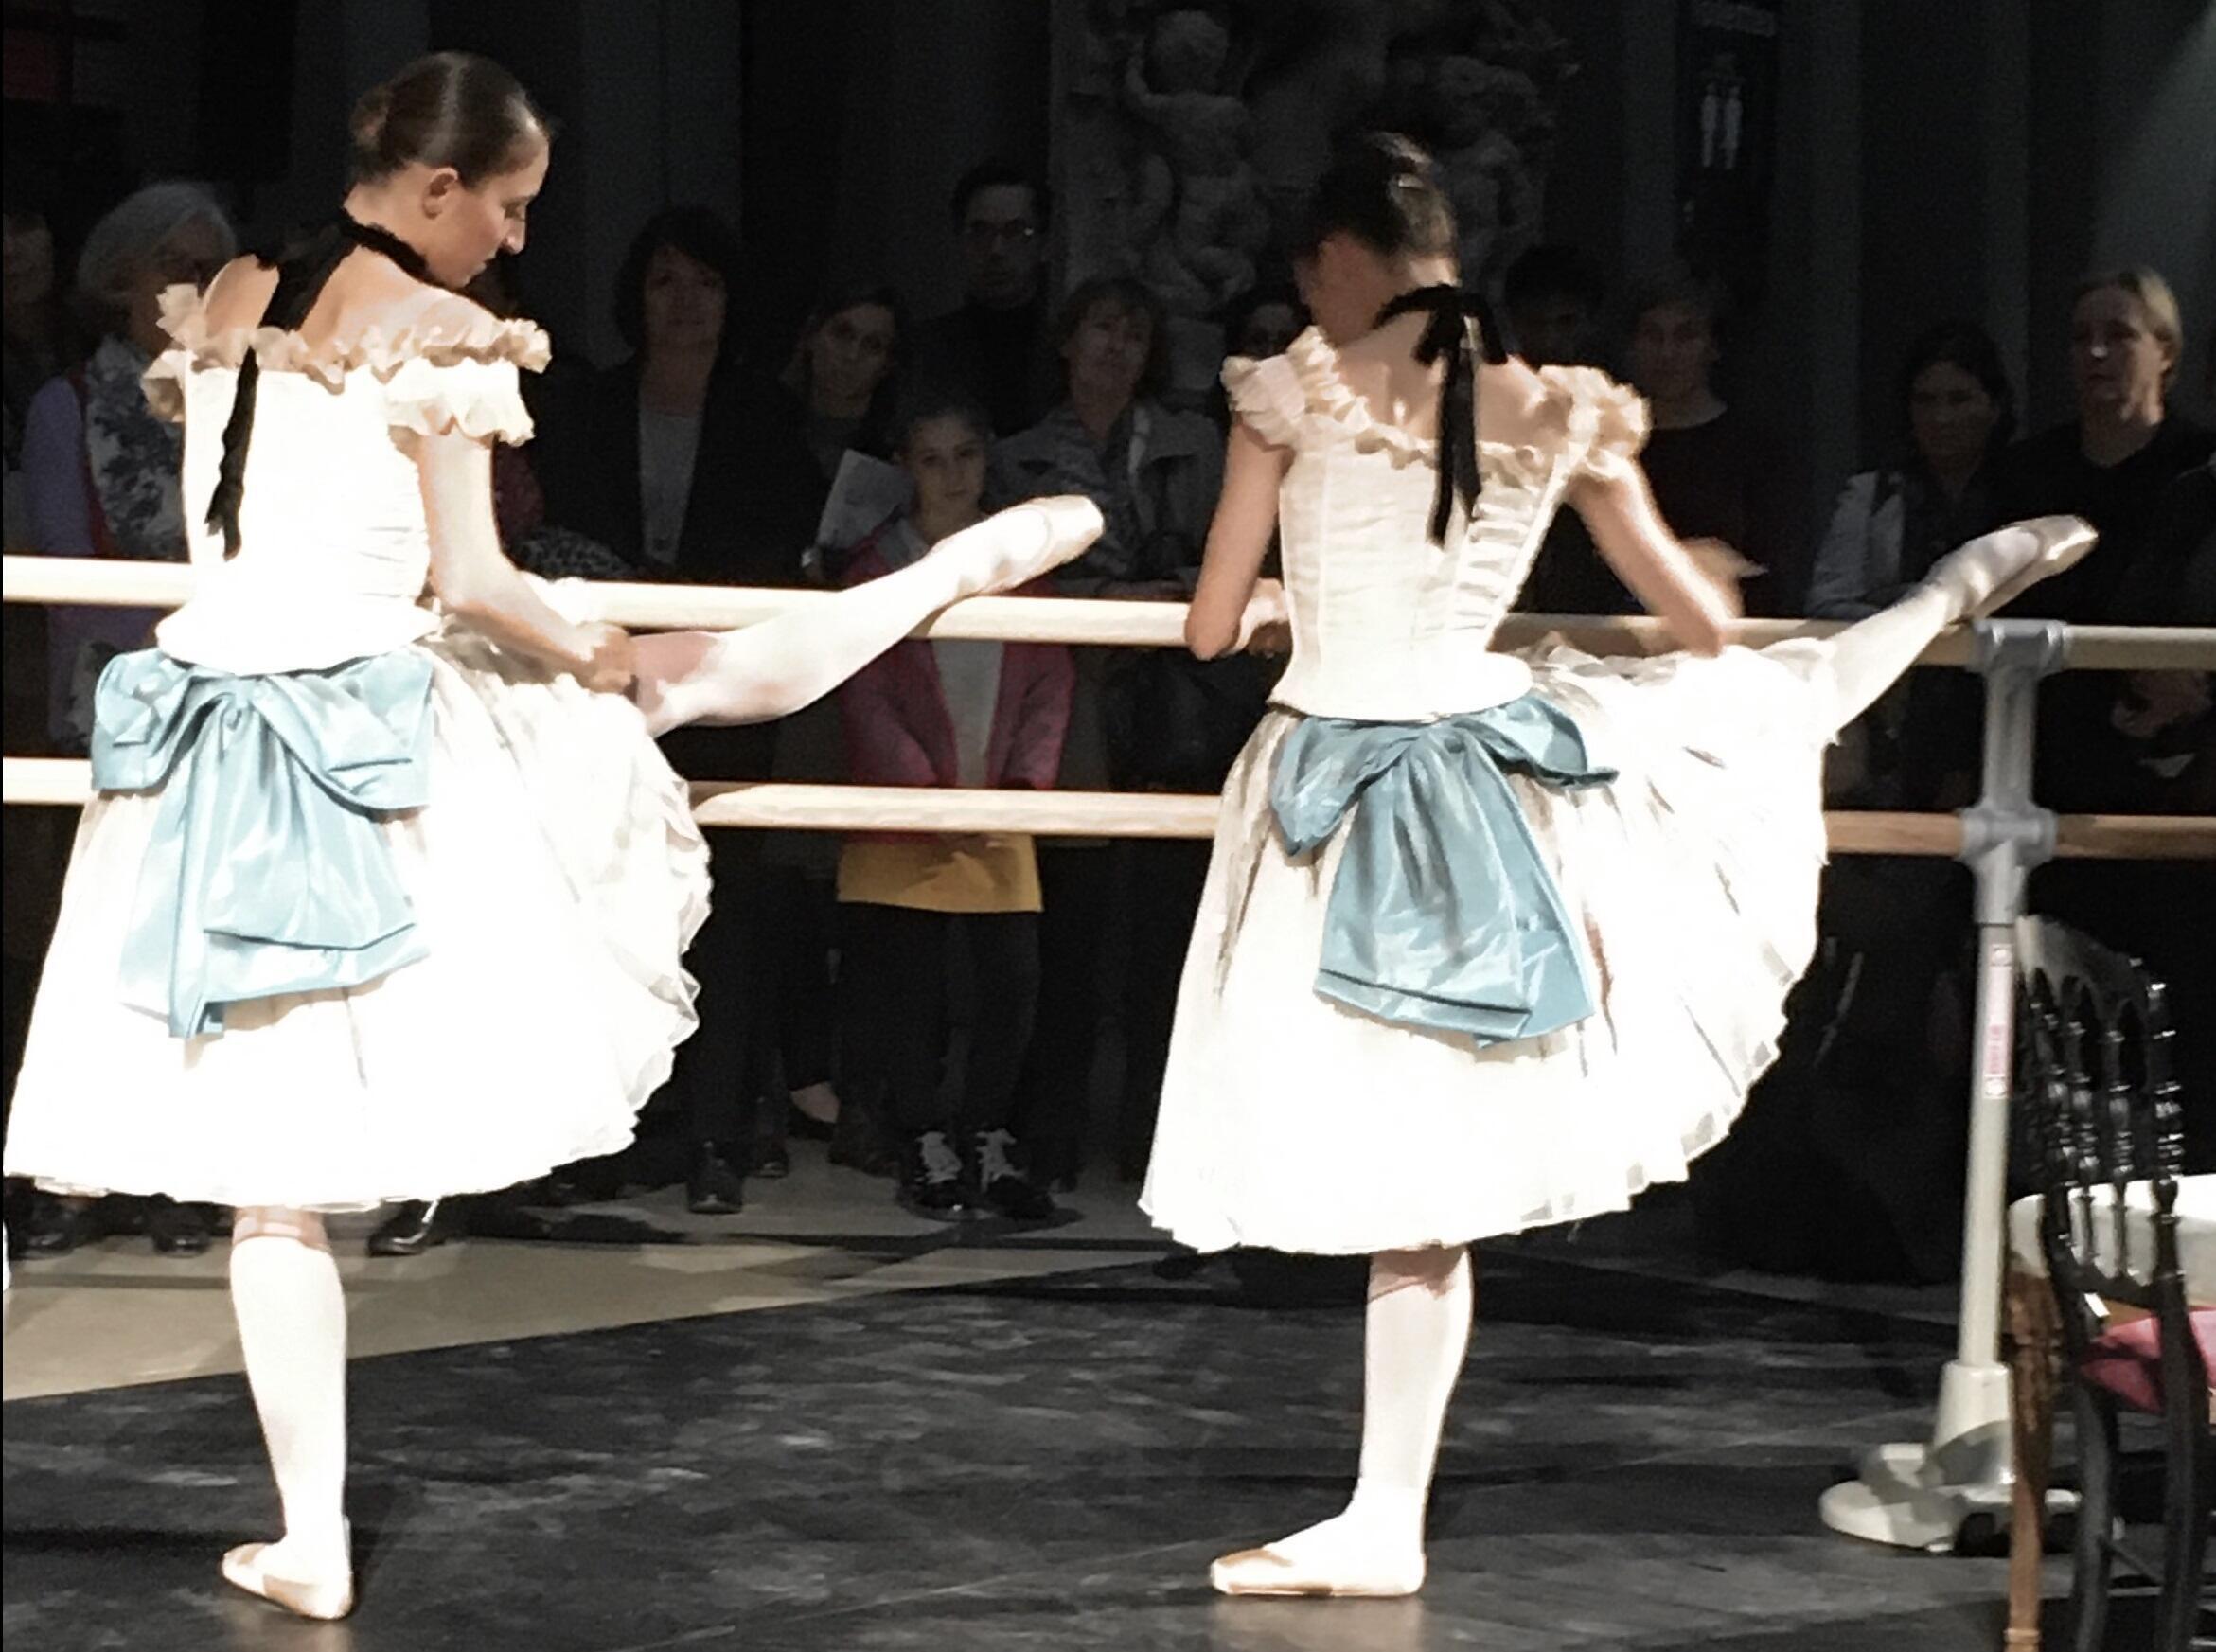 В перформансе, поставленном в Музее Орсе главой балетной труппы Парижской оперы Орели Дюпон, приняли участие балерины кордебалета